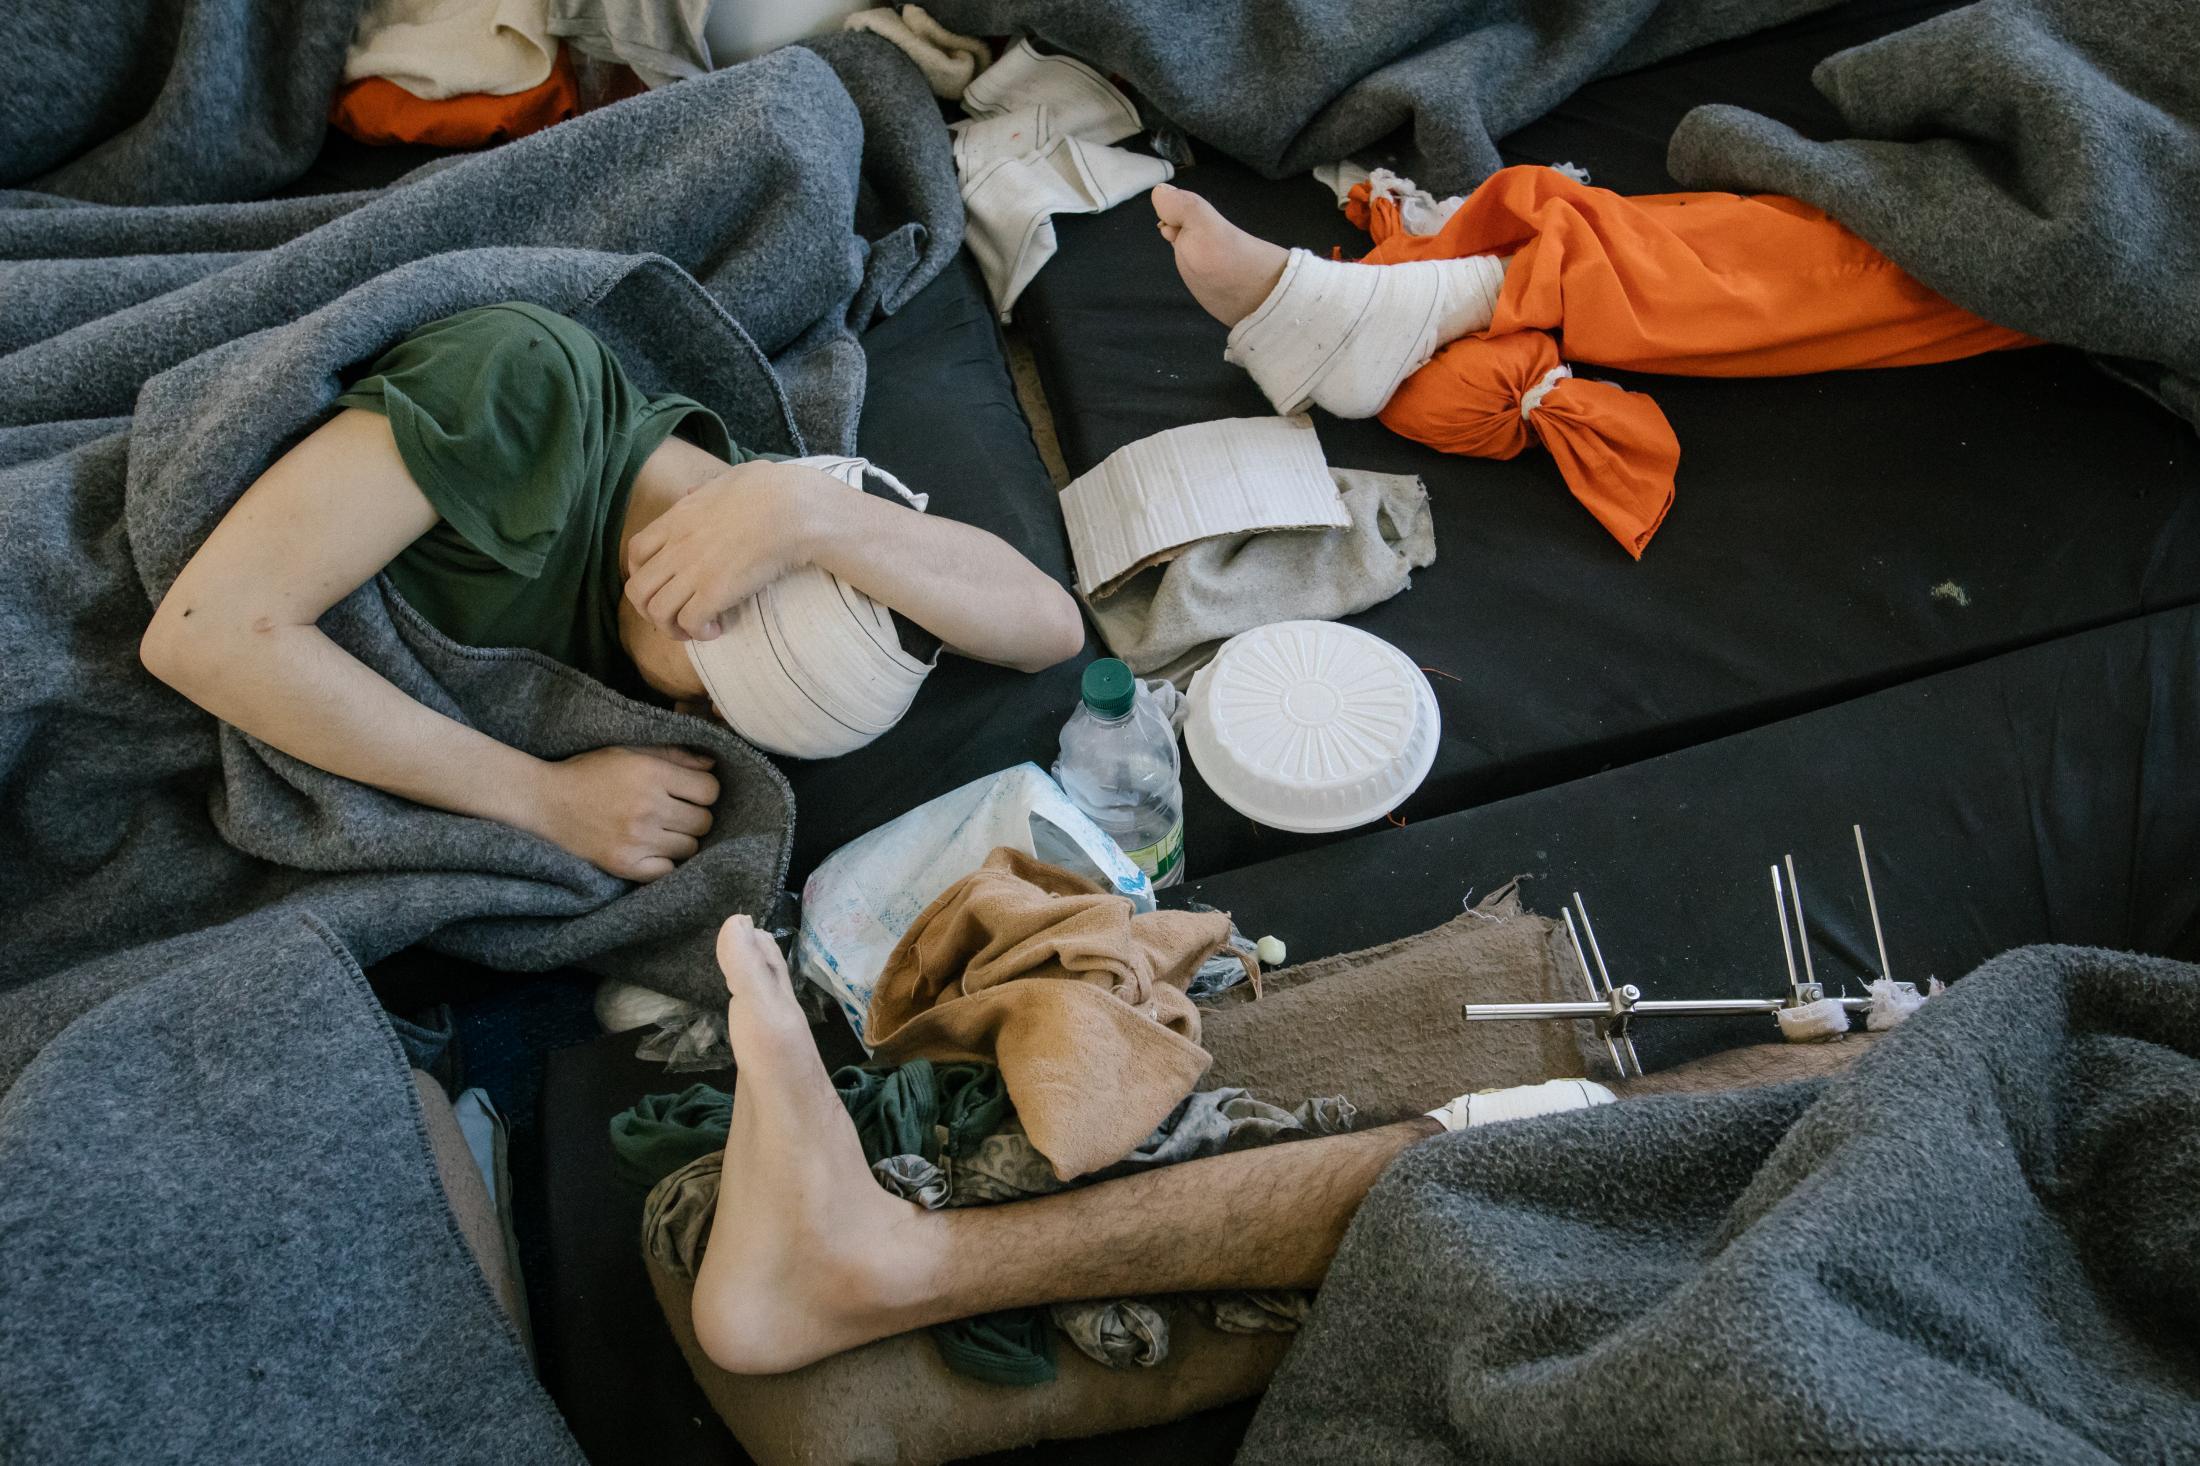 Le 30 octobre 2019, Hassake, nord est syrien. Envion 5000 prisonniers supposés membres de l'Etat islamique vivent dans cette université transformée en prison. Entre 100 et 200 détenus dans chaque salle de classe. La prison est ouverte depuis 4mois au moment de cette photo. Elle est surpeuplée. Les prisonniers sont considérés comme les plus radicaux et vivent dans des conditions difficiles. Cette pièce servait sans doute de grand réfectoire. elle se situe au rez d chaussé, et accueille tous les malades et mourrants. La plupart ont une blessure de guerre. Souvent les plaies se sont infectées.